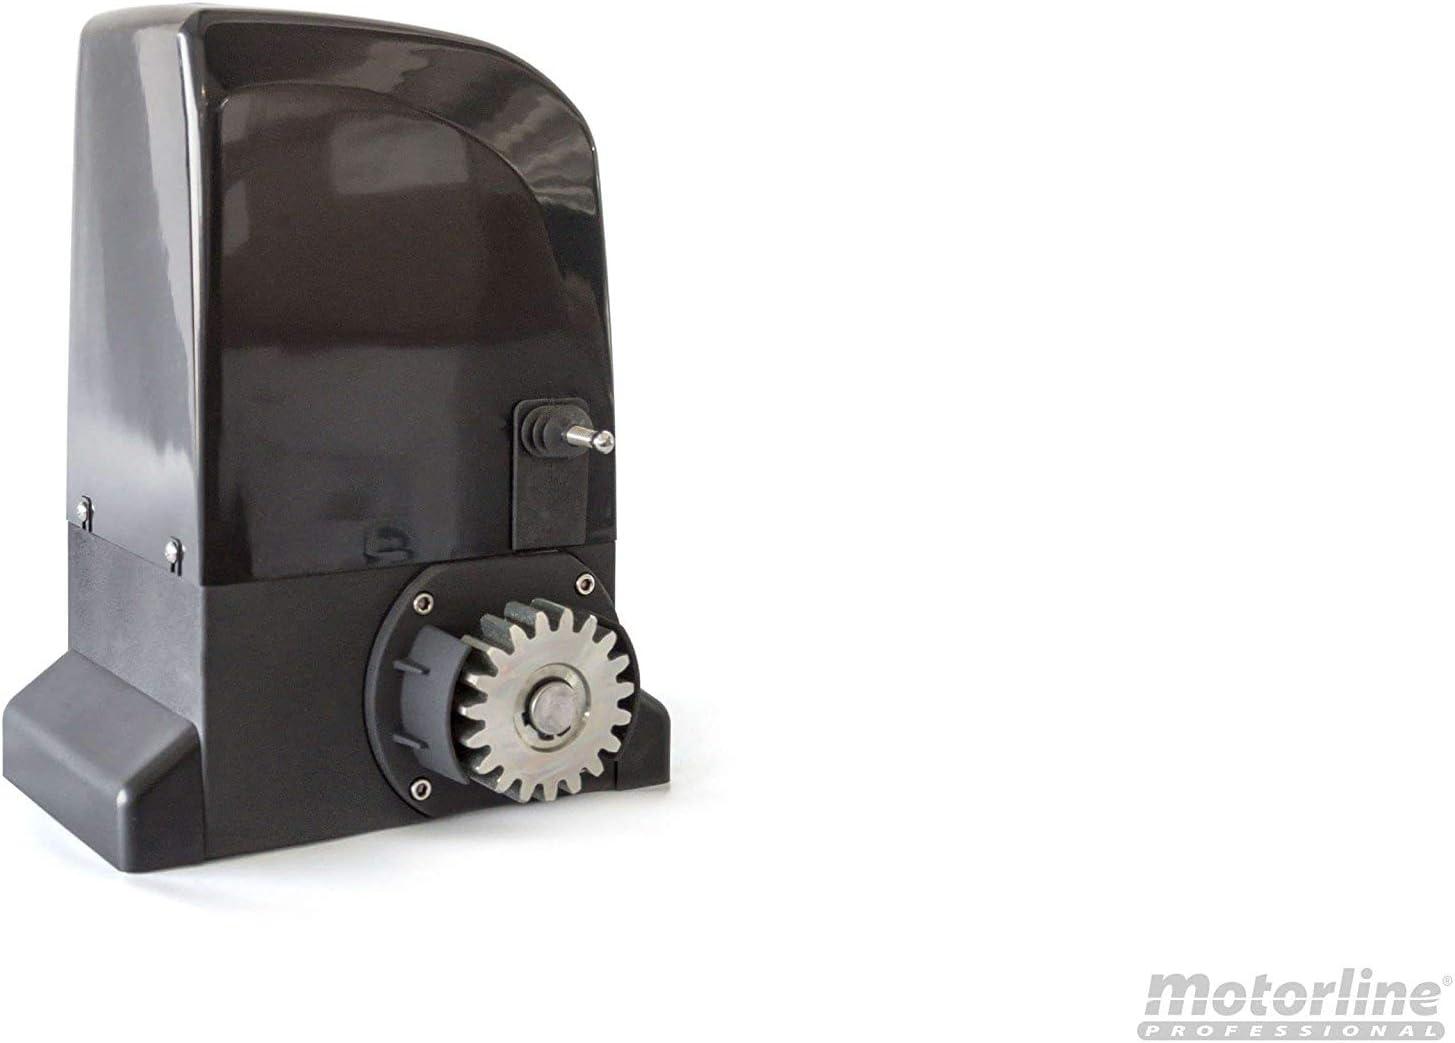 KIT Motor corredera Motorline Slide 800 Kg, para automatizar puertas y cancelas correderas de uso residencial, parking, garaje, cochera, alta calidad con 2 mandos alta seguridad: Amazon.es: Bricolaje y herramientas